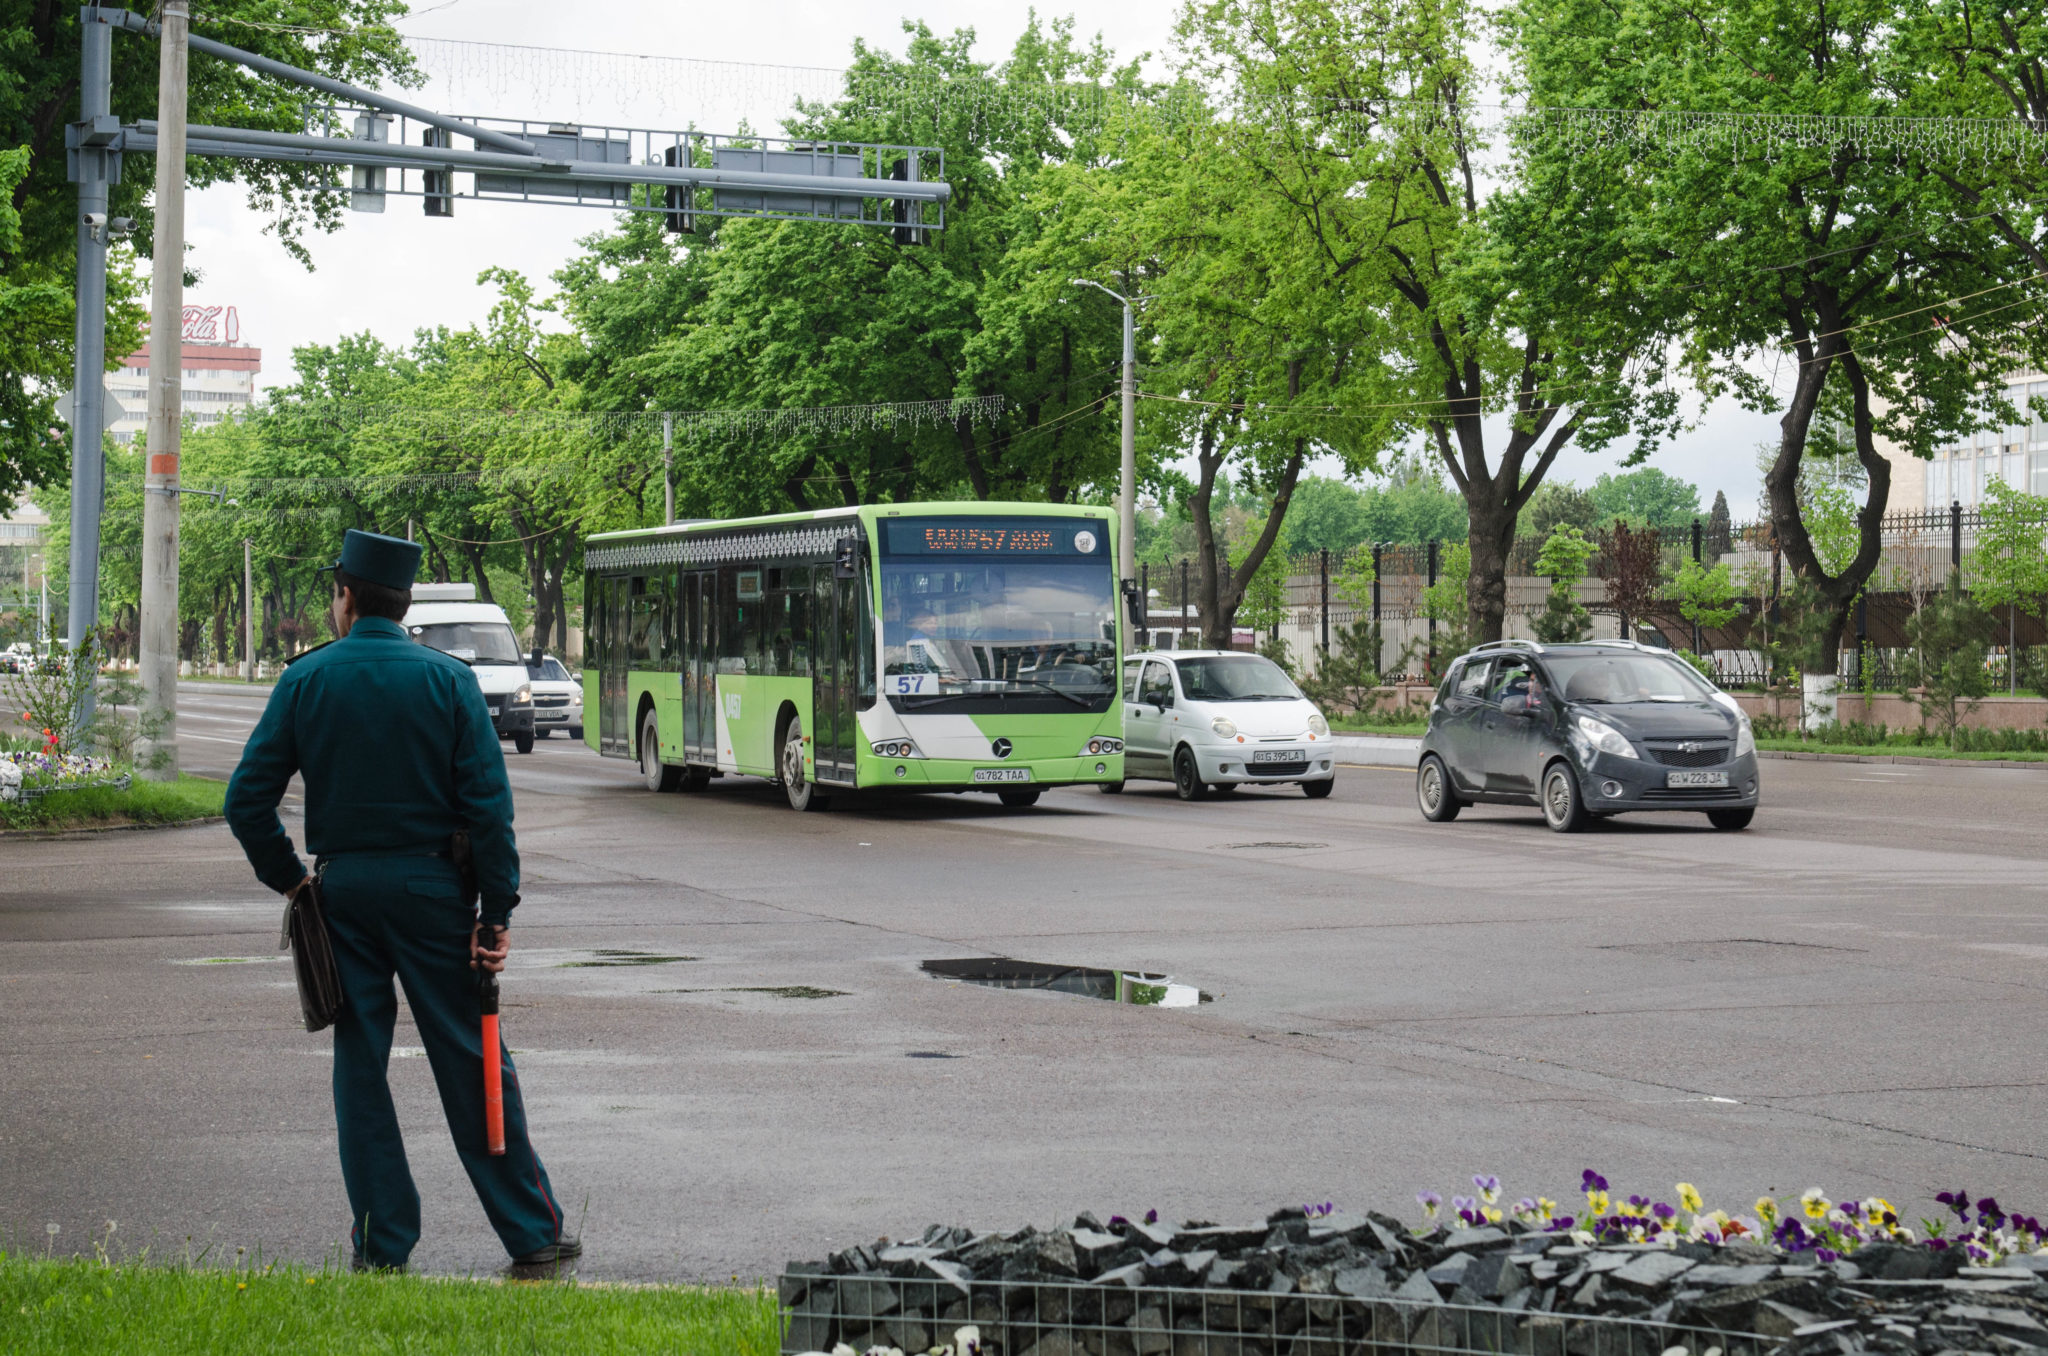 Zu den Taschkent Usbekistan Reisetipps gehören auch Infos zu Transport